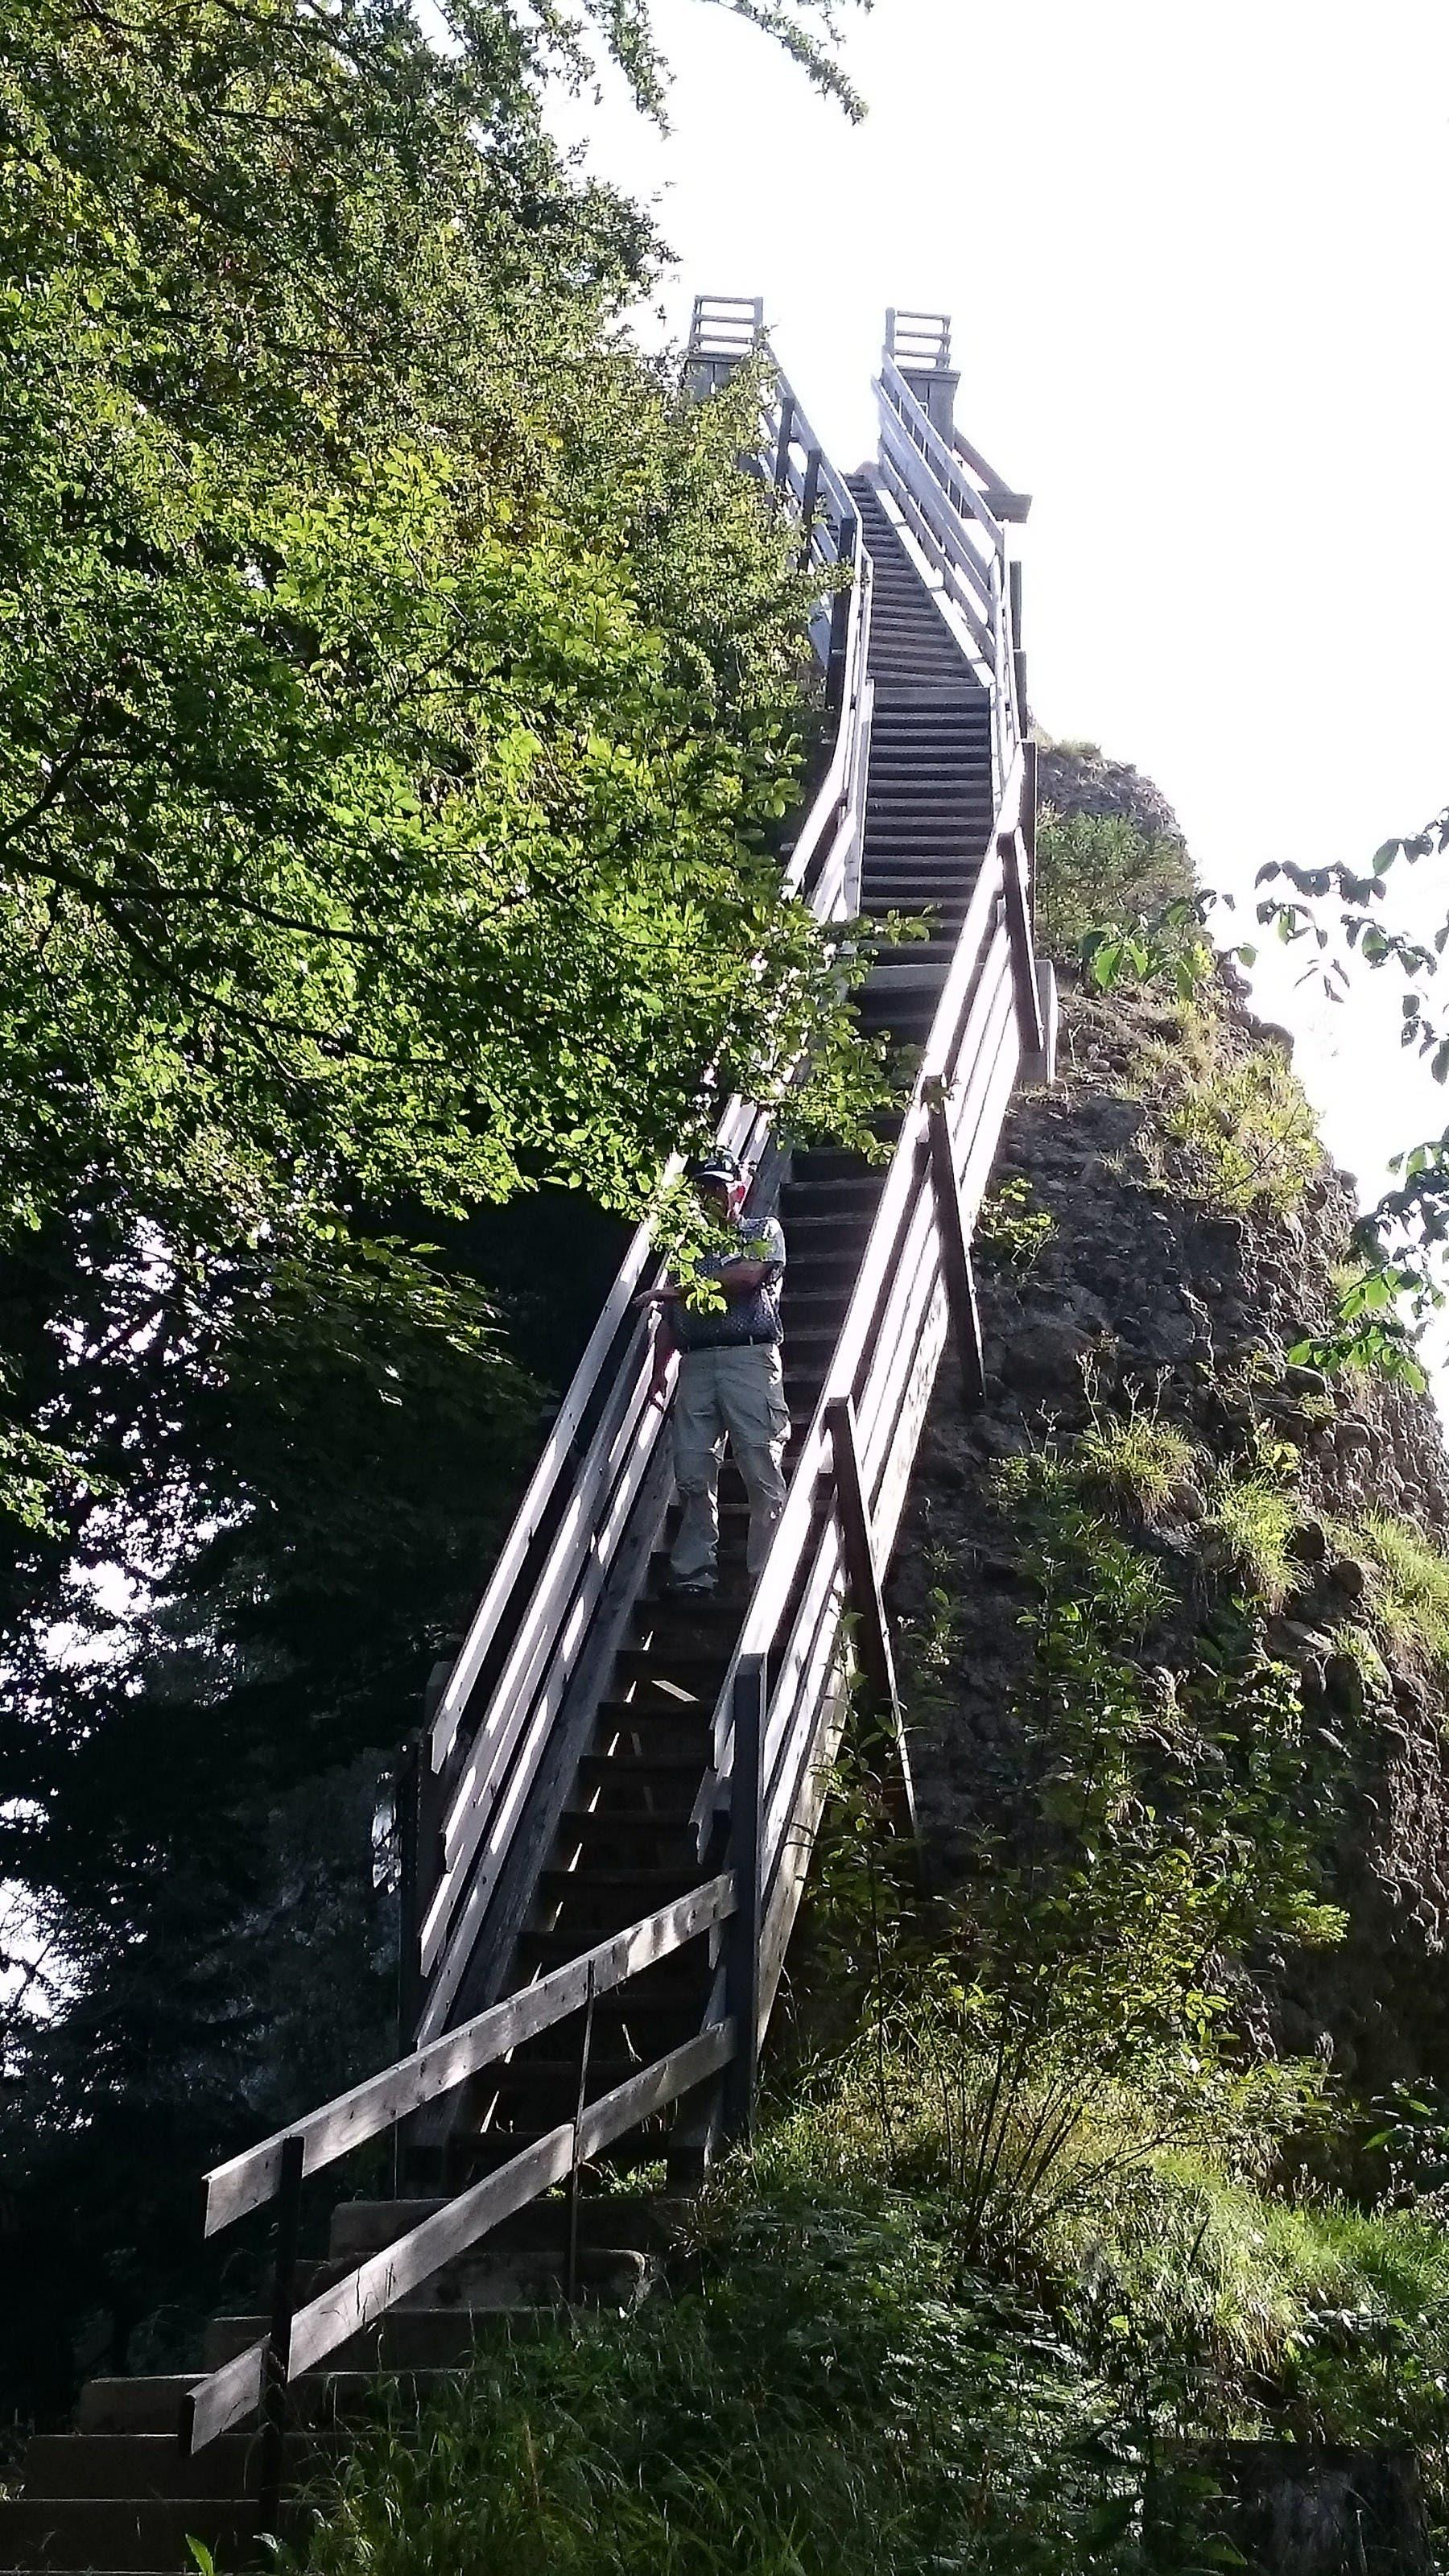 Aufstieg zum Guggershorn Eine steile, freiliegende Holztreppe führte auf's Guggershorn.